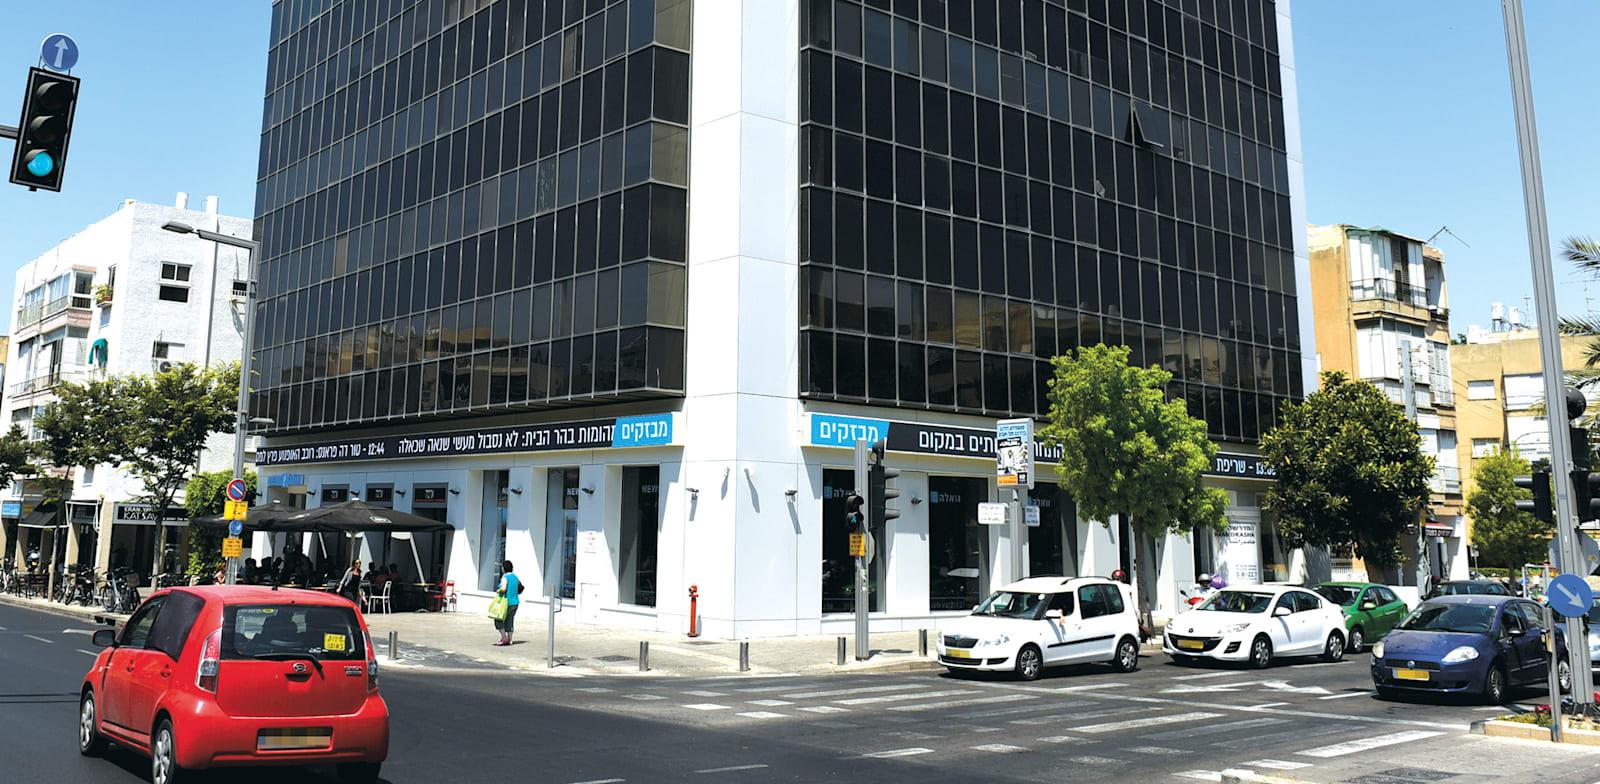 בית וואלה בתל אביב. מערכת שמצאה את עצמה בסיטואציה בלתי אפשרית / צילום: ראובן קסטרו, וואלה! News